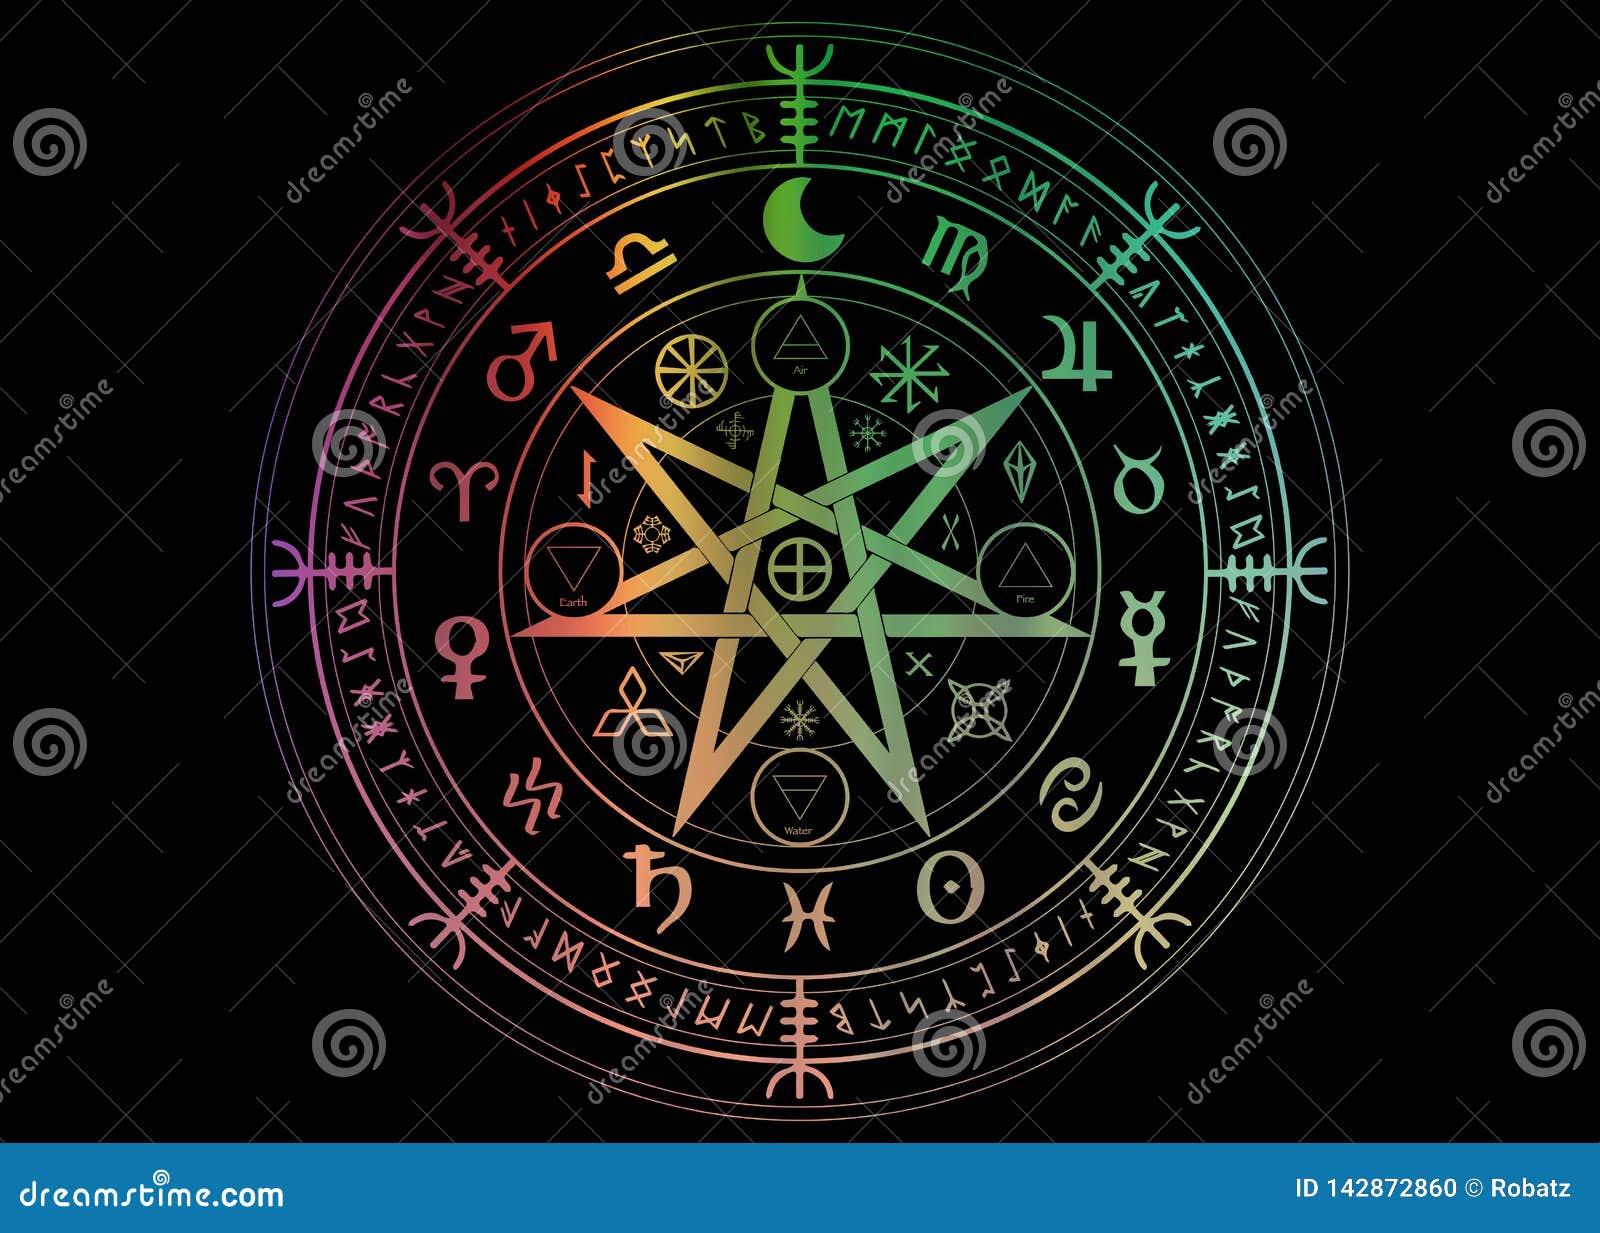 Wiccan-Symbol des Schutzes Stellen Sie von Mandala Witches-Runen, mystische Wicca-Weissagung ein Bunte alte geheimnisvolle Symbol